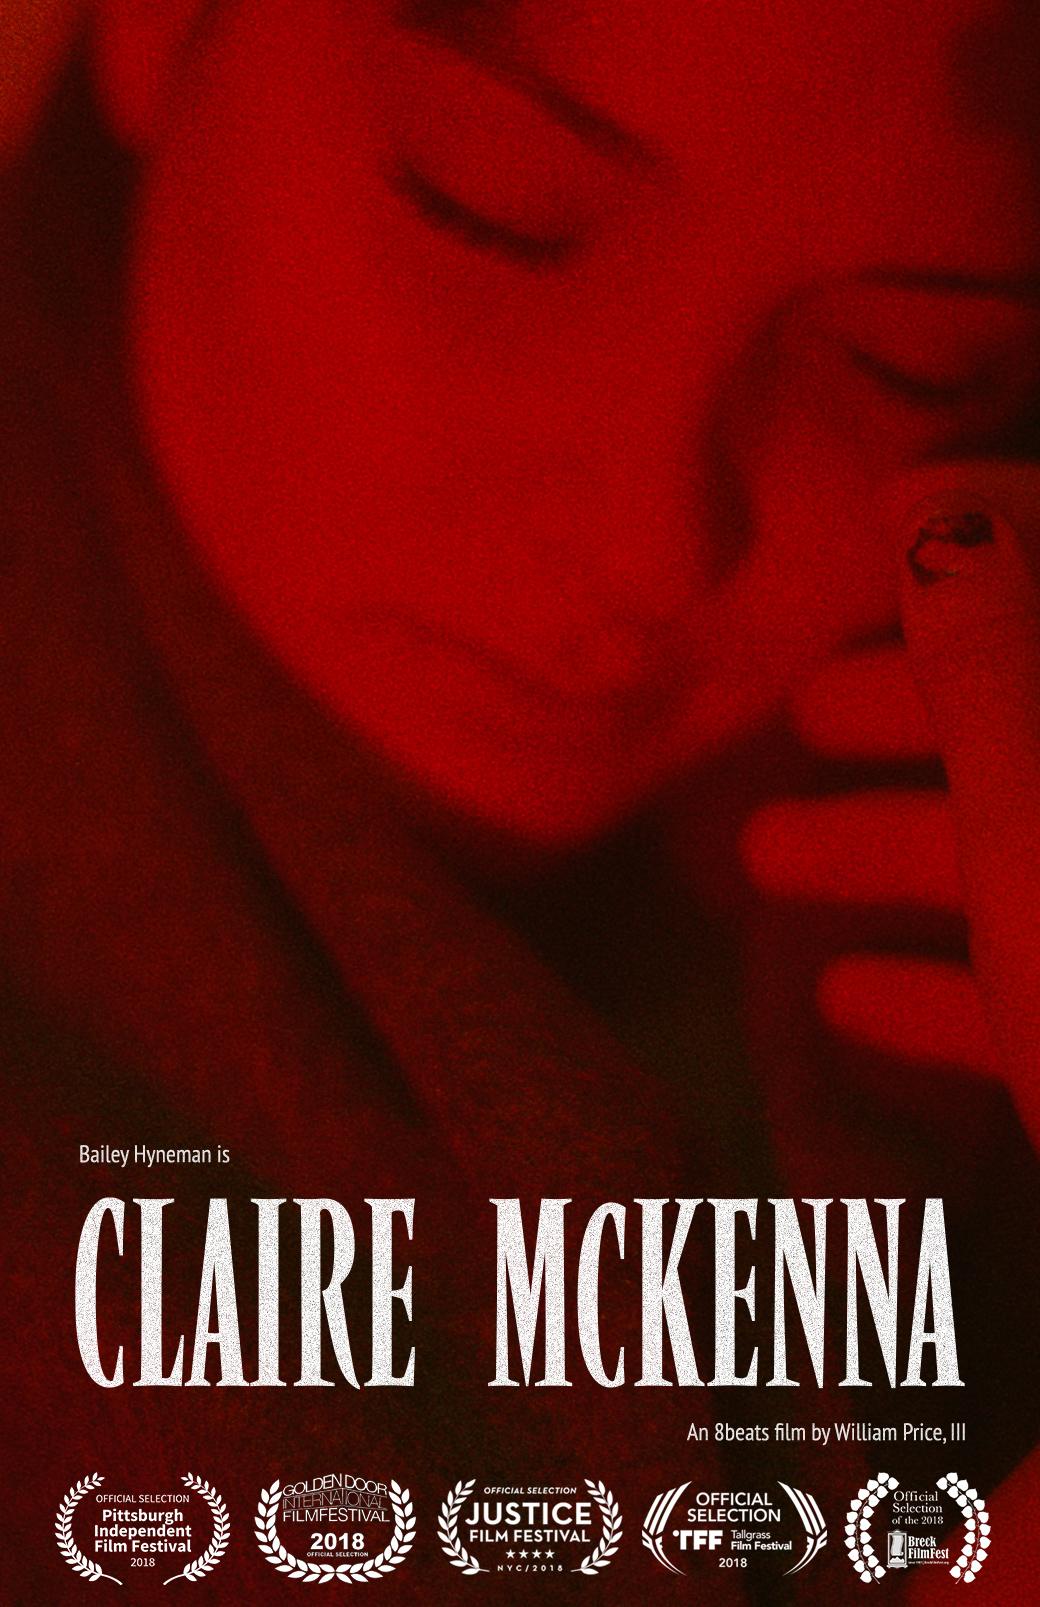 ClaireMcKenna_Poster_1.jpg